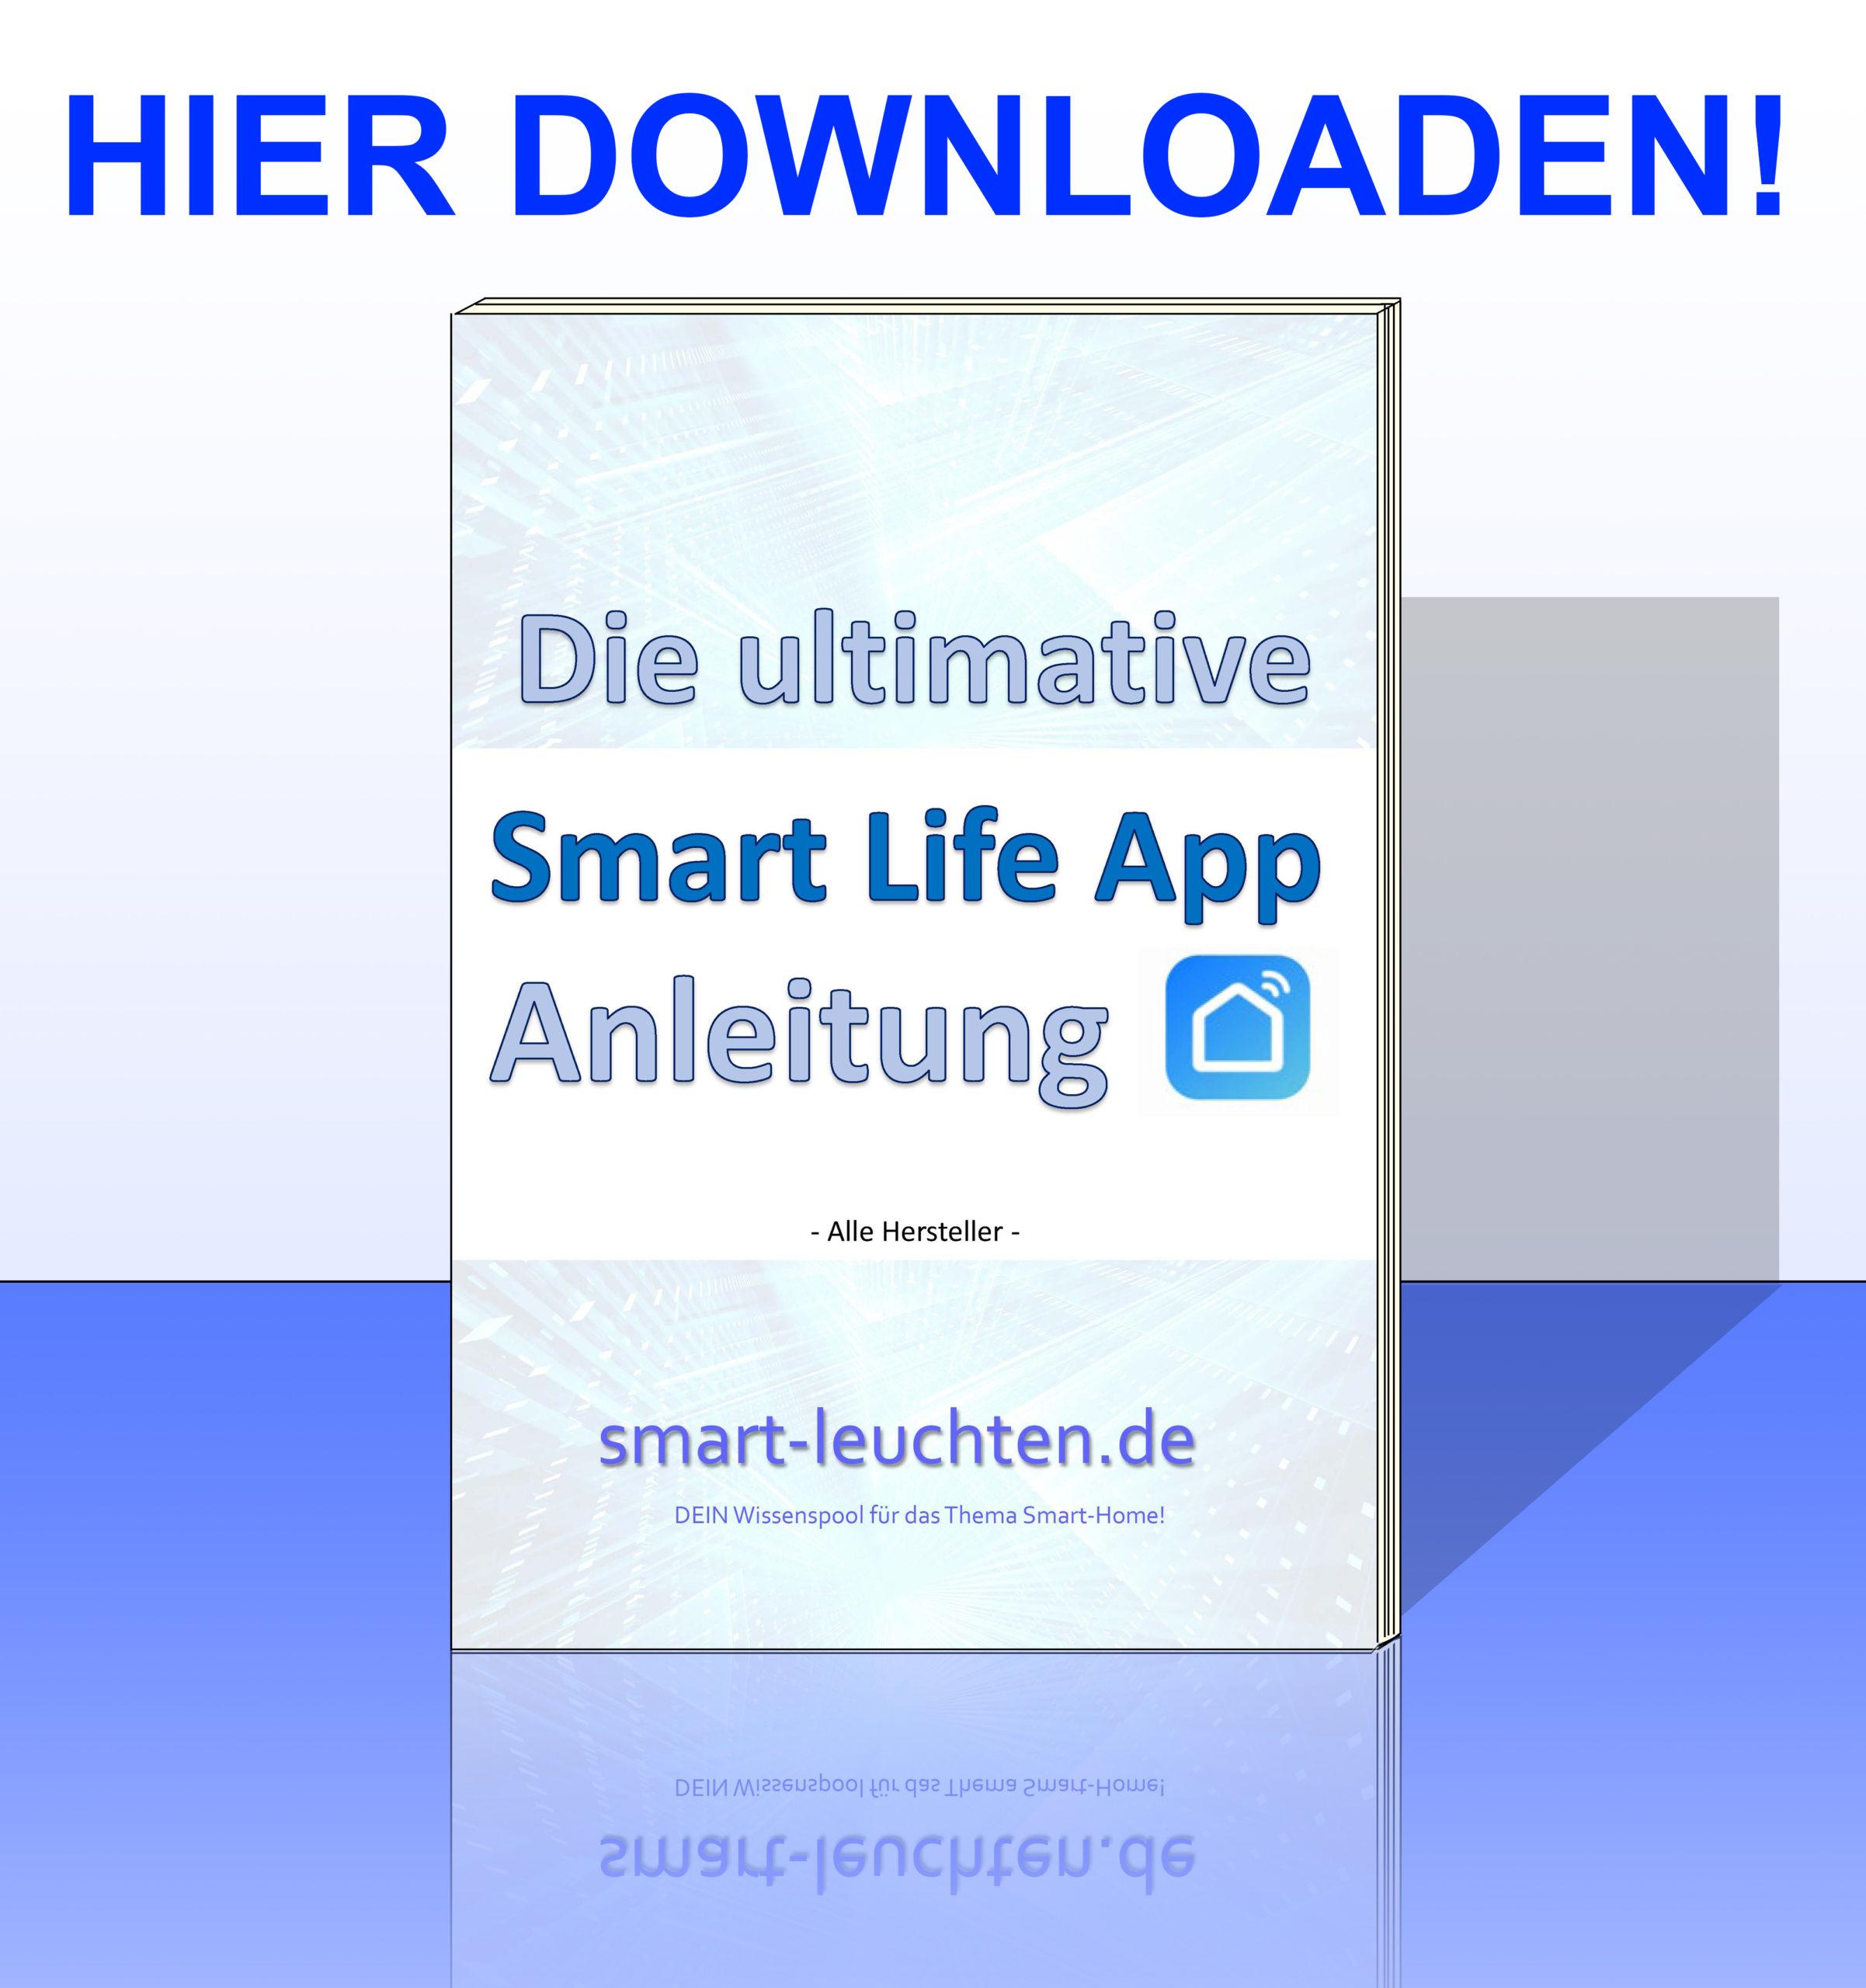 die_ultimative_smart_life_app_anleitung_ver1.0_3D_hier_downloaden